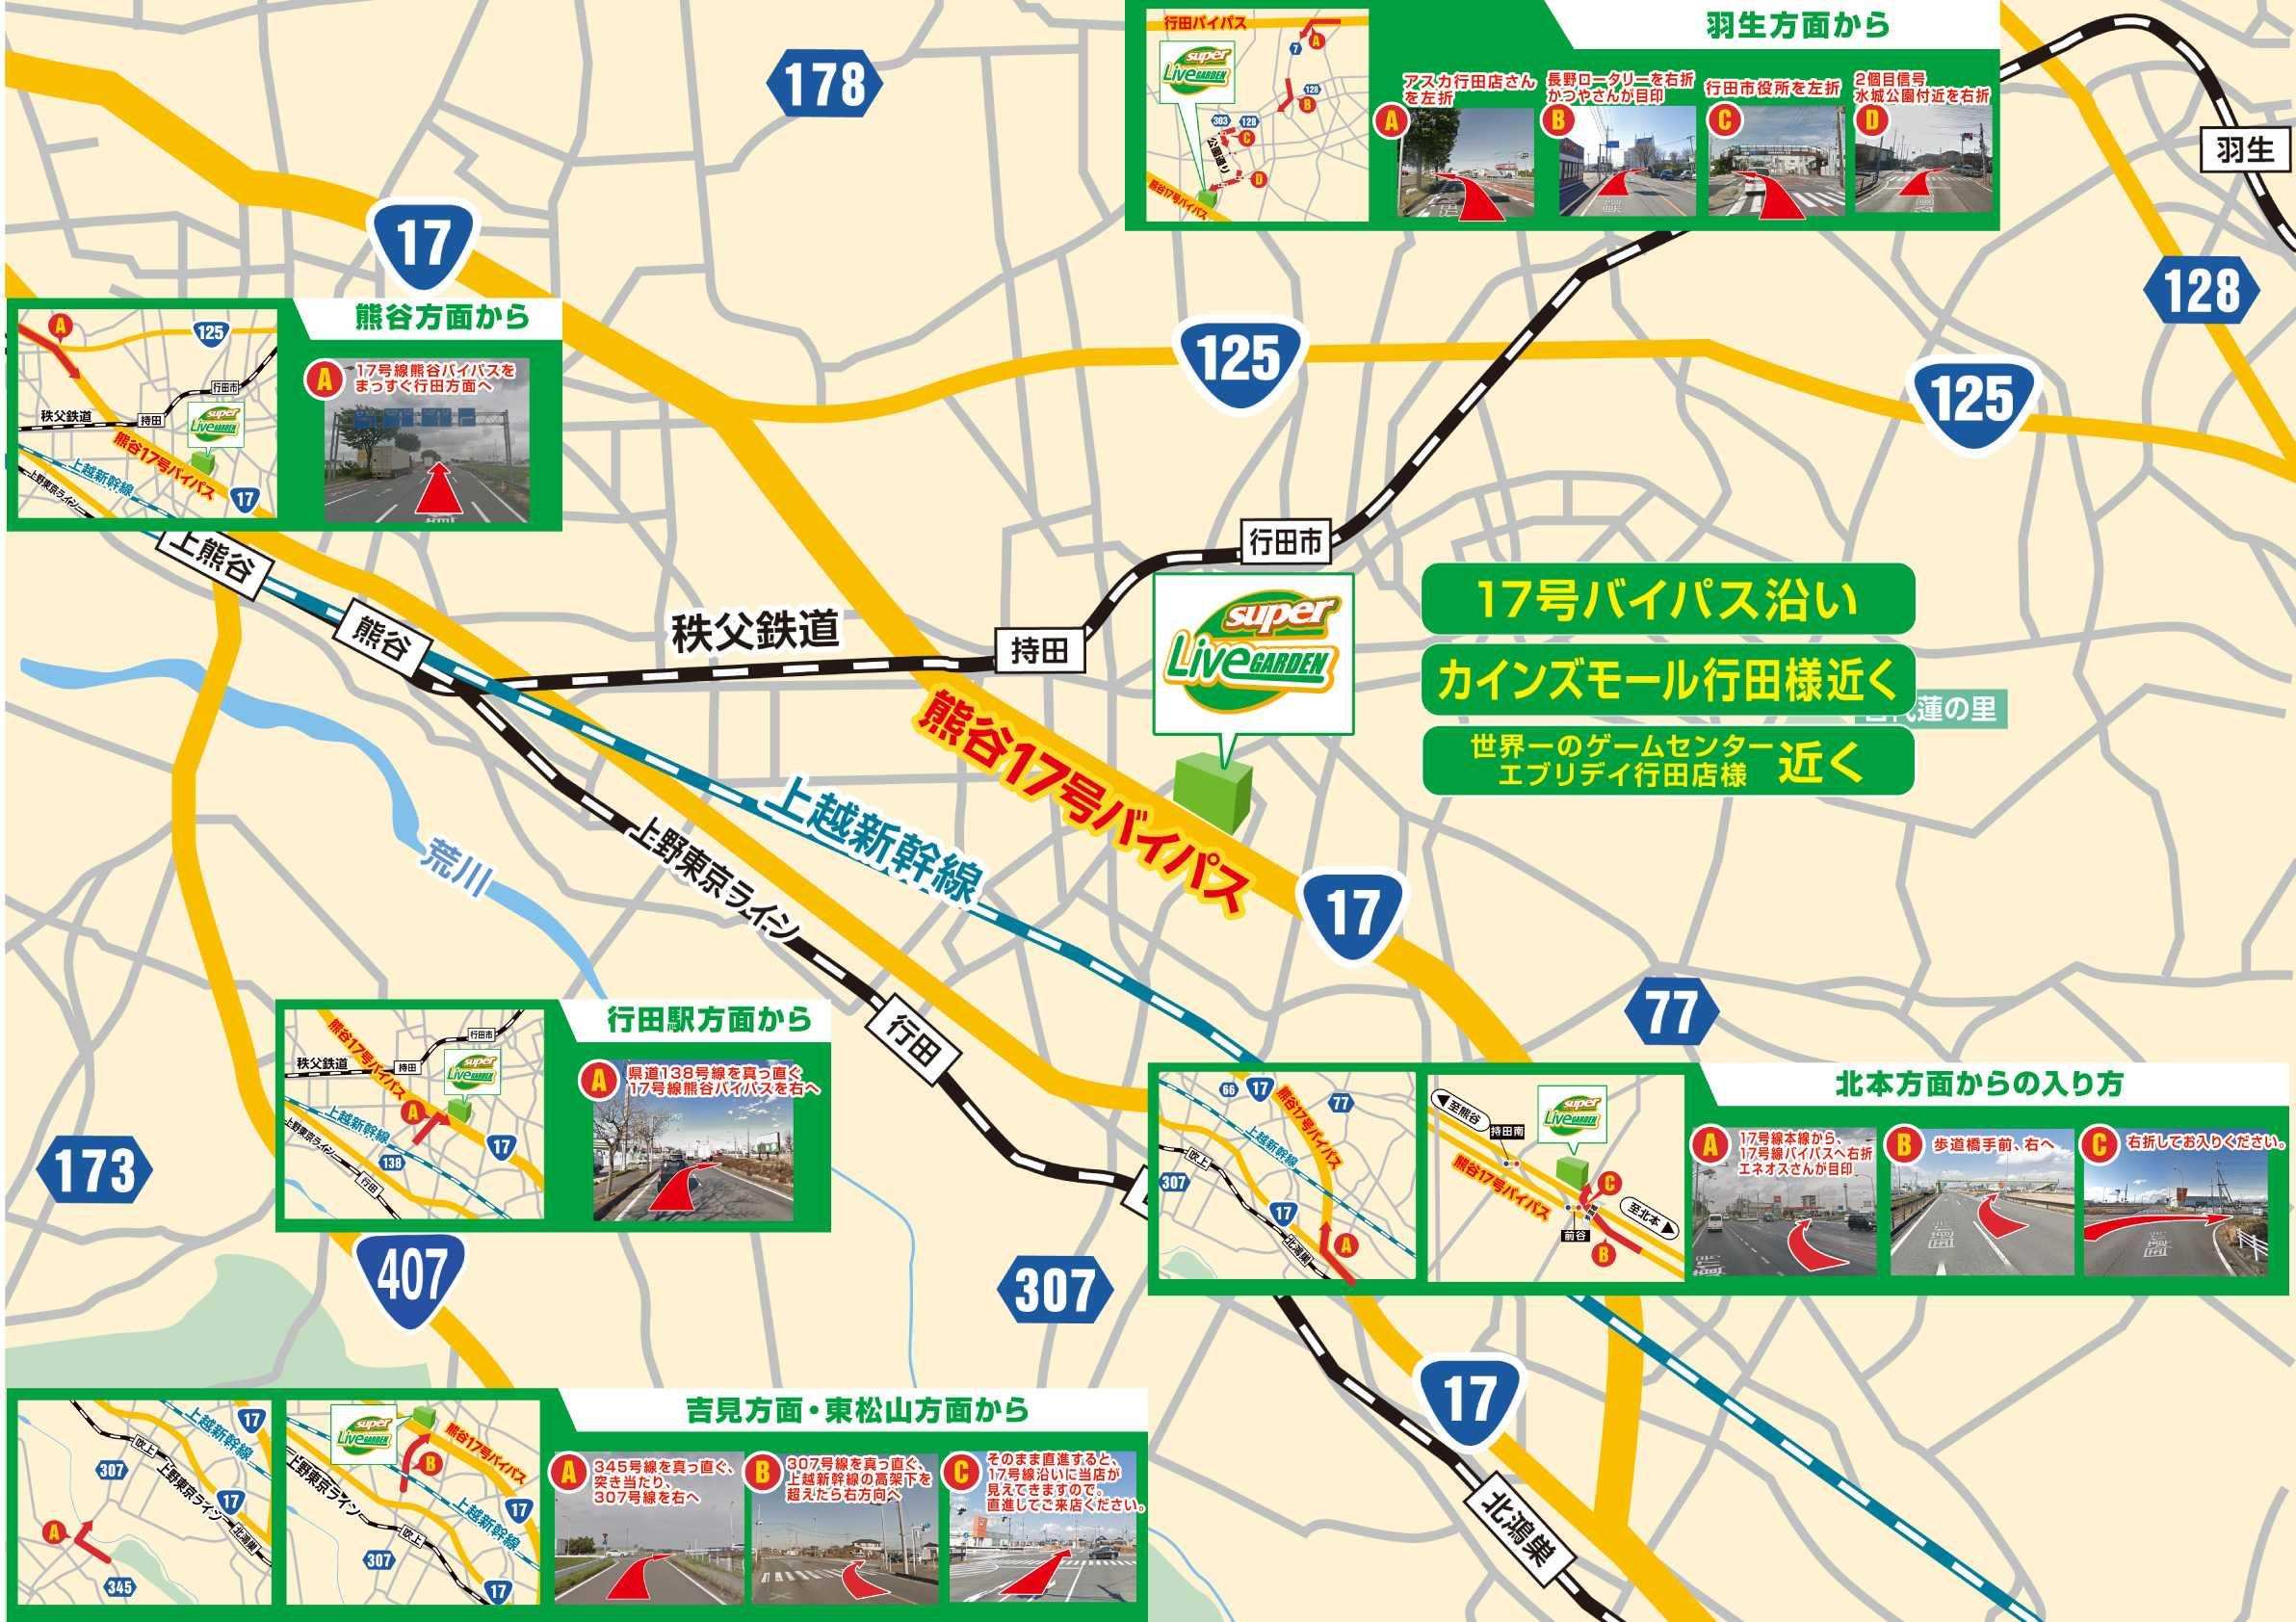 スーパーライブガーデン行田店の地図